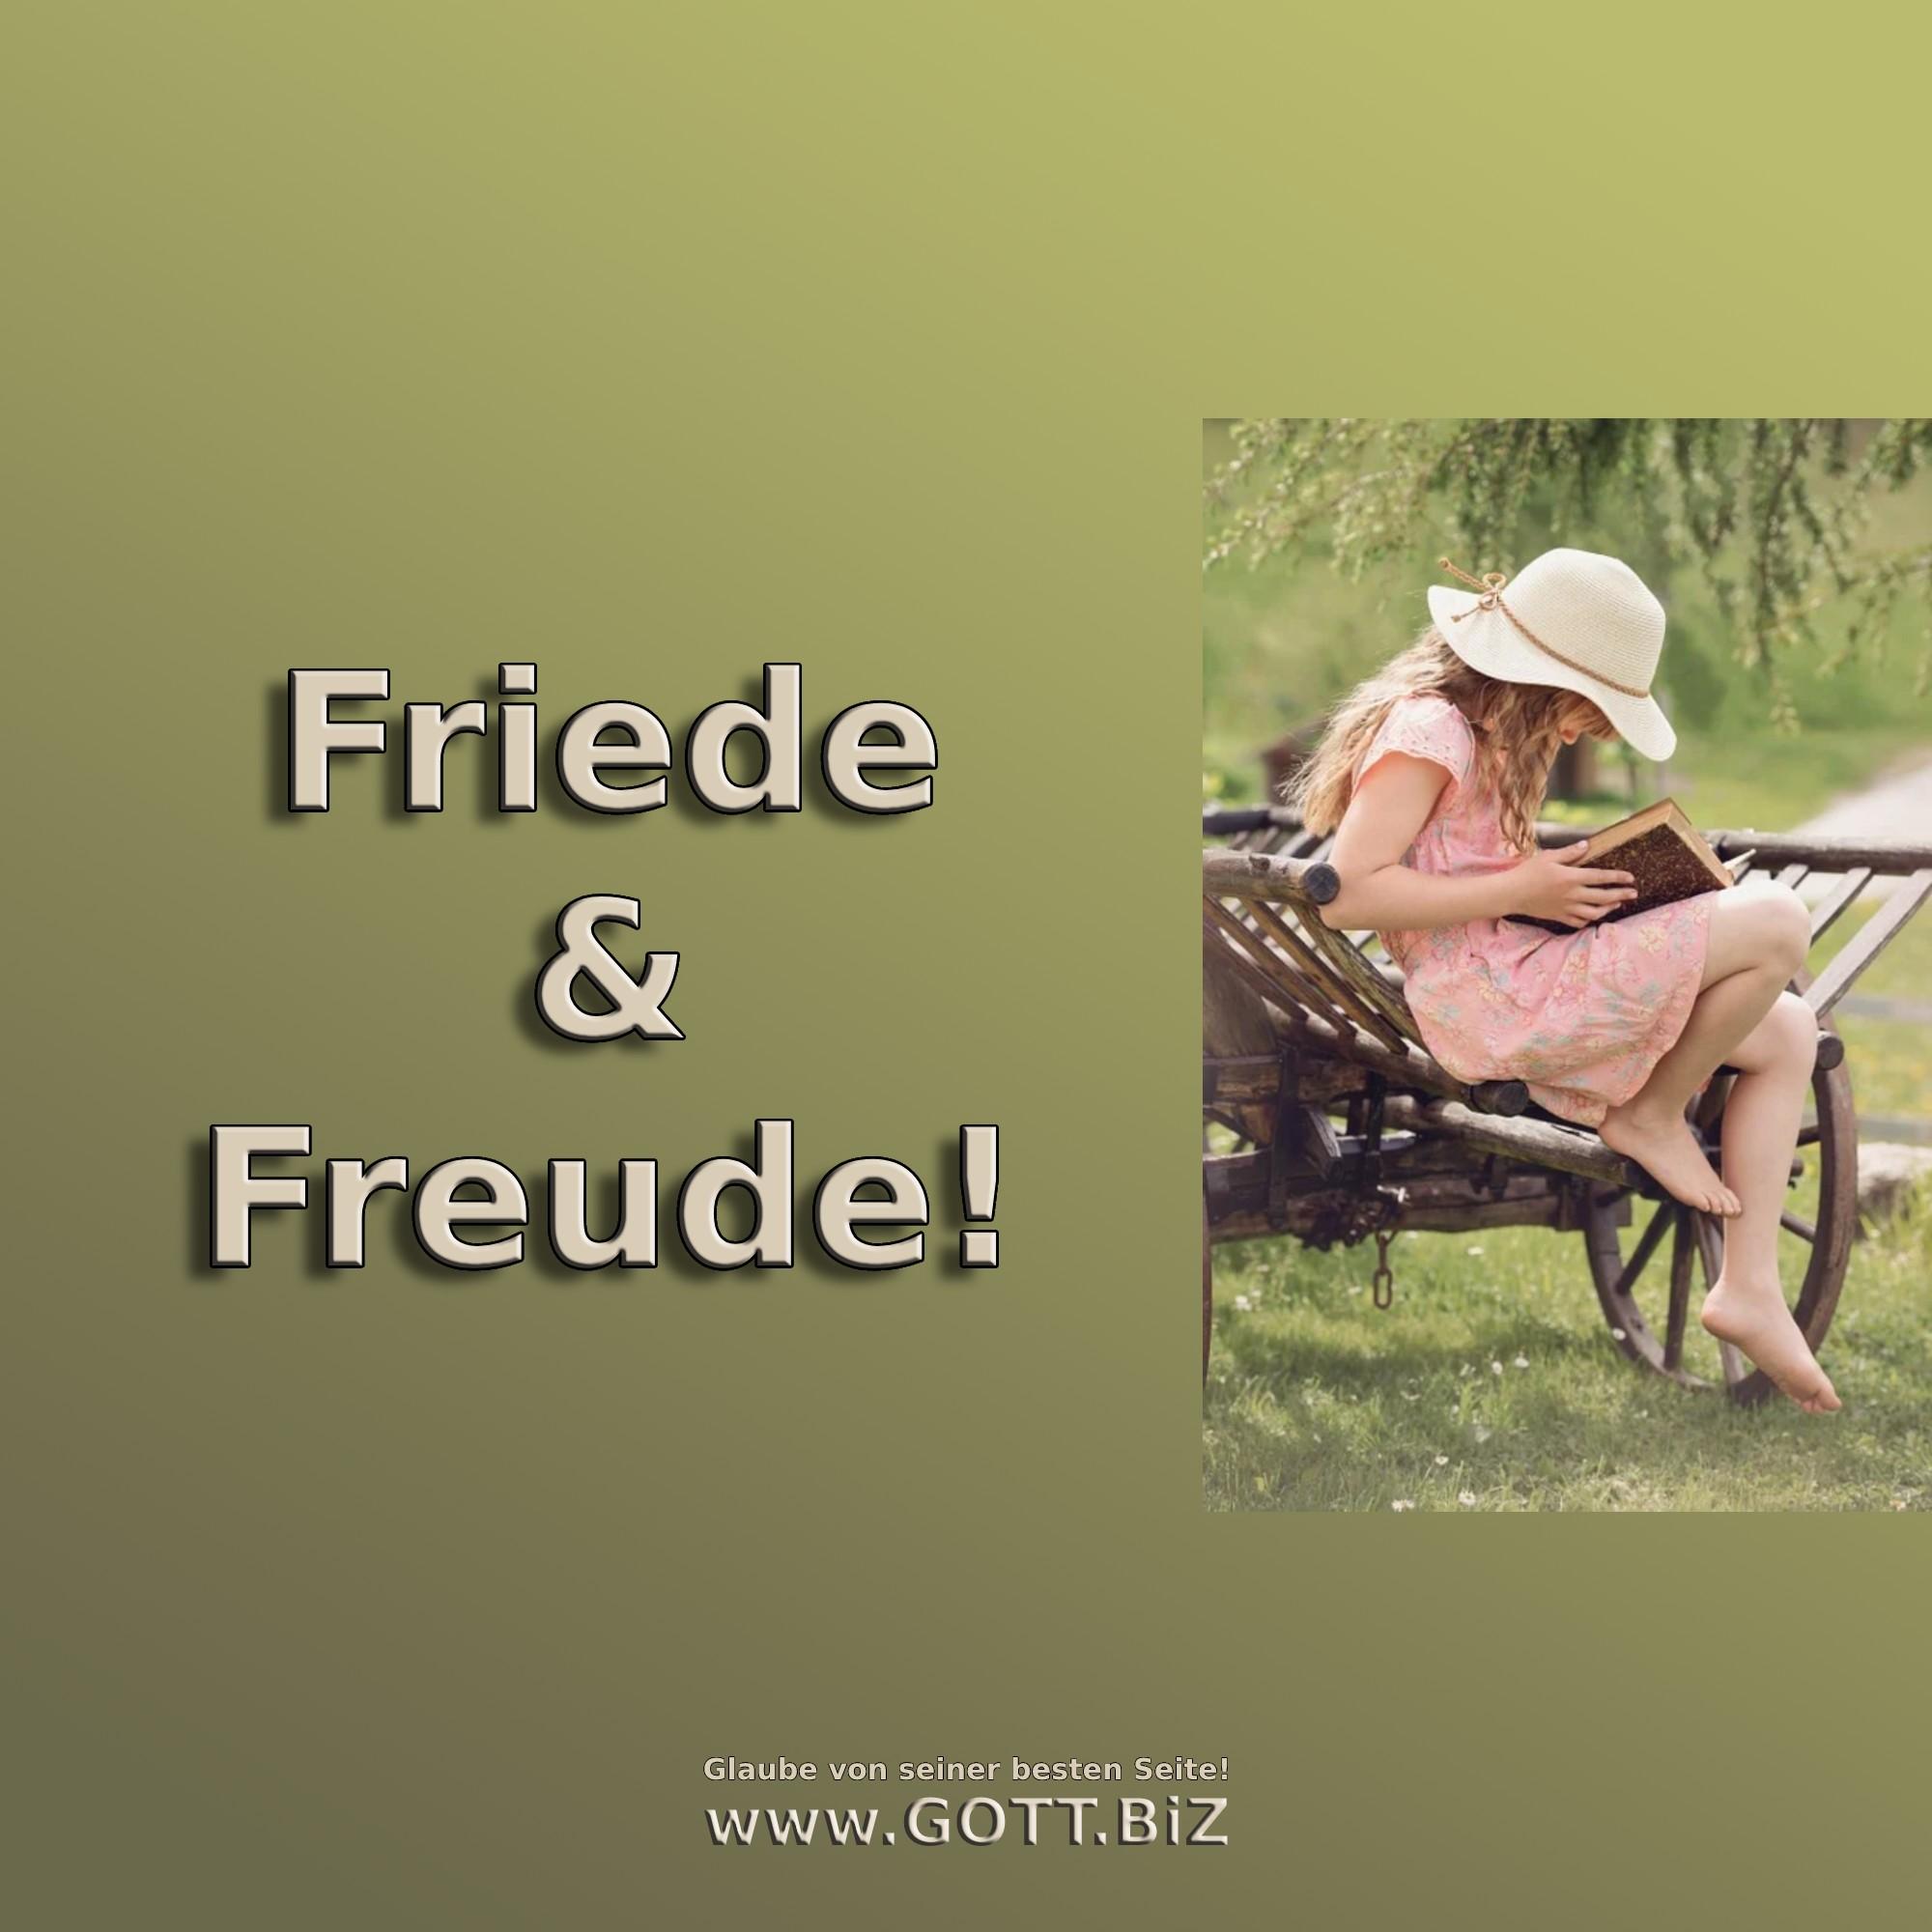 Jesus@home: Friede & Freude